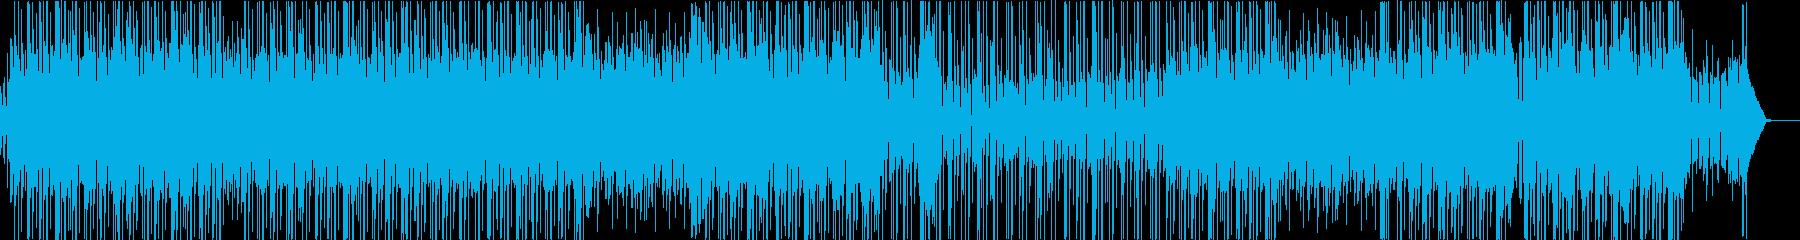 キャッチーな童nurseのメロディ...の再生済みの波形